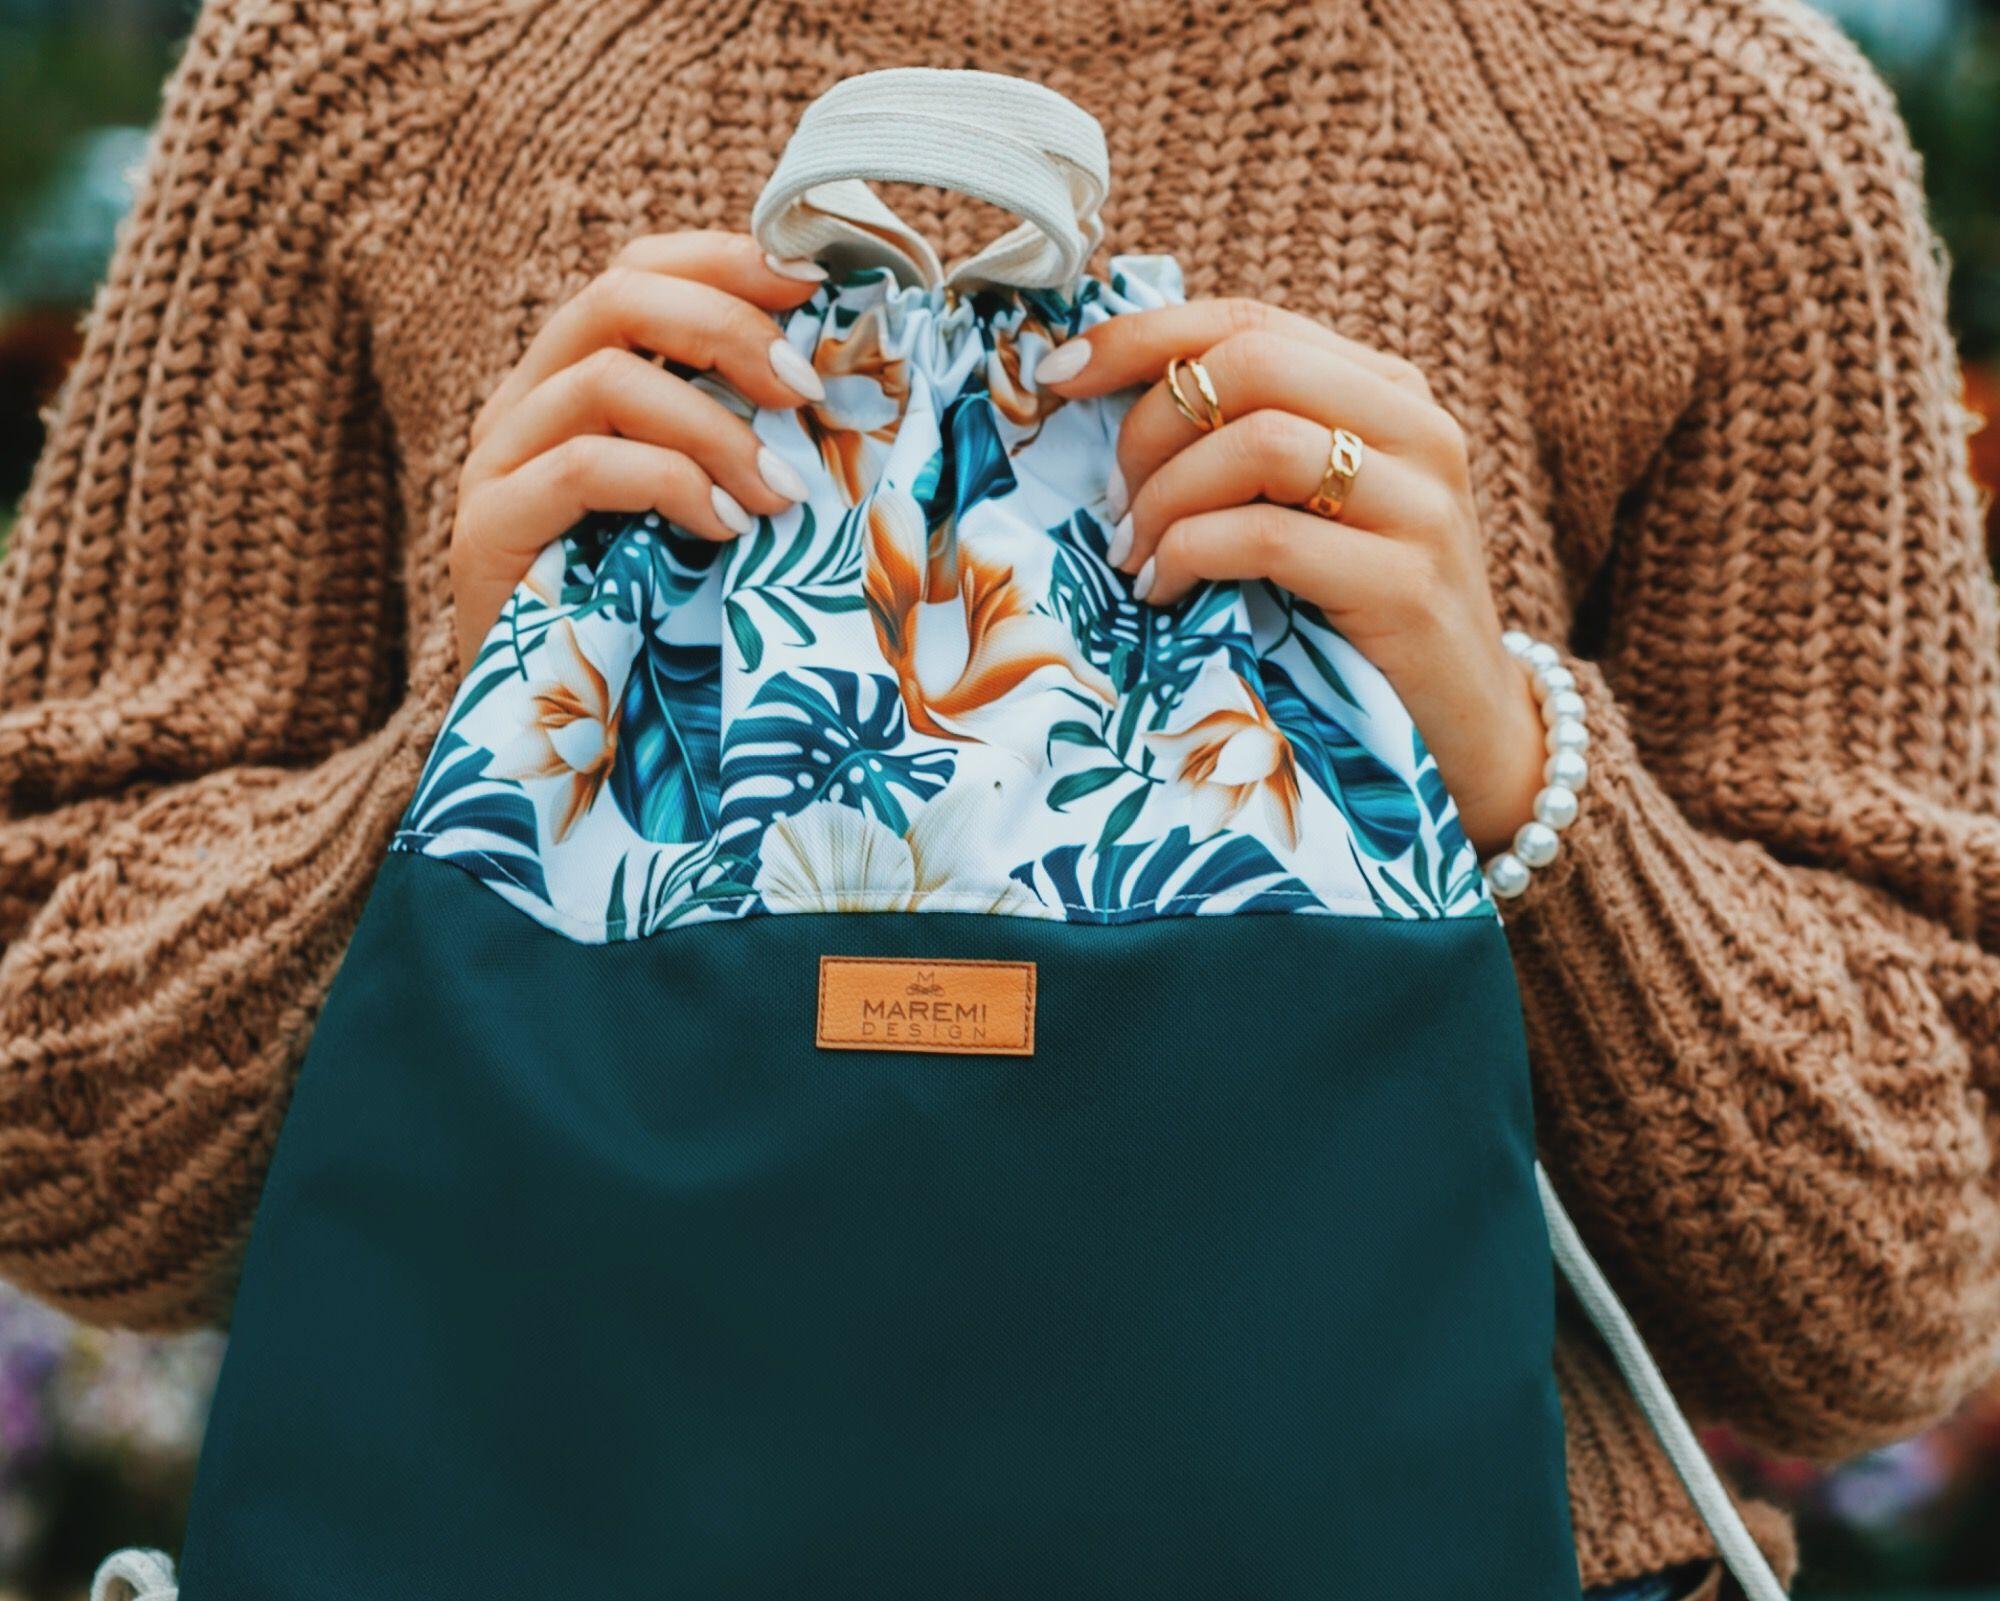 PLECAK WOREK JAKO ELEMENT MIEJSKIEJ STYLIZACJI. Wodoodporny plecak worek w print zielonych liści monstera oraz delikatnych kwiatów storczyka. Spód plecaka jest w kolorze głębokiej zieleni. Jest model, który z pewnością będzie pasował do wielu Twoich stylizacji. W środku jest wodoodporna, kaletnicza podszewka. Zamykana na suwak kieszonka na drobiazgi, karabińczyk na klucze lub inne rzeczy, które wyjmiesz jednym ruchem oraz niezwykle funkcjonalna bawełniana rączka do trzymania worko plecaka jak torebkę. Plecak szyty ręcznie, z najwyższą dokładnością a jego oryginalny wzór nie pozostawi nikogo obojętnym. Wymiary: (+/-2cm):Wysokość: 43cmSzerokość: 37cm Dno: 4 cm ZALETY: - kaletnicza i wodoodporna podszewka z zamykaną kieszonką na zamek- karabińczyk na klucze wewnątrz plecakoworka- gruby bawełniany sznur 8mm- wodoodporny- łatwość w utrzymaniu czystości- wytrzymałość- piękny designPIELĘGNACJA: - zalecane pranie ręczne- temp. prania do 30st. C- nie należy używać wybielaczy- prasować w niskiej